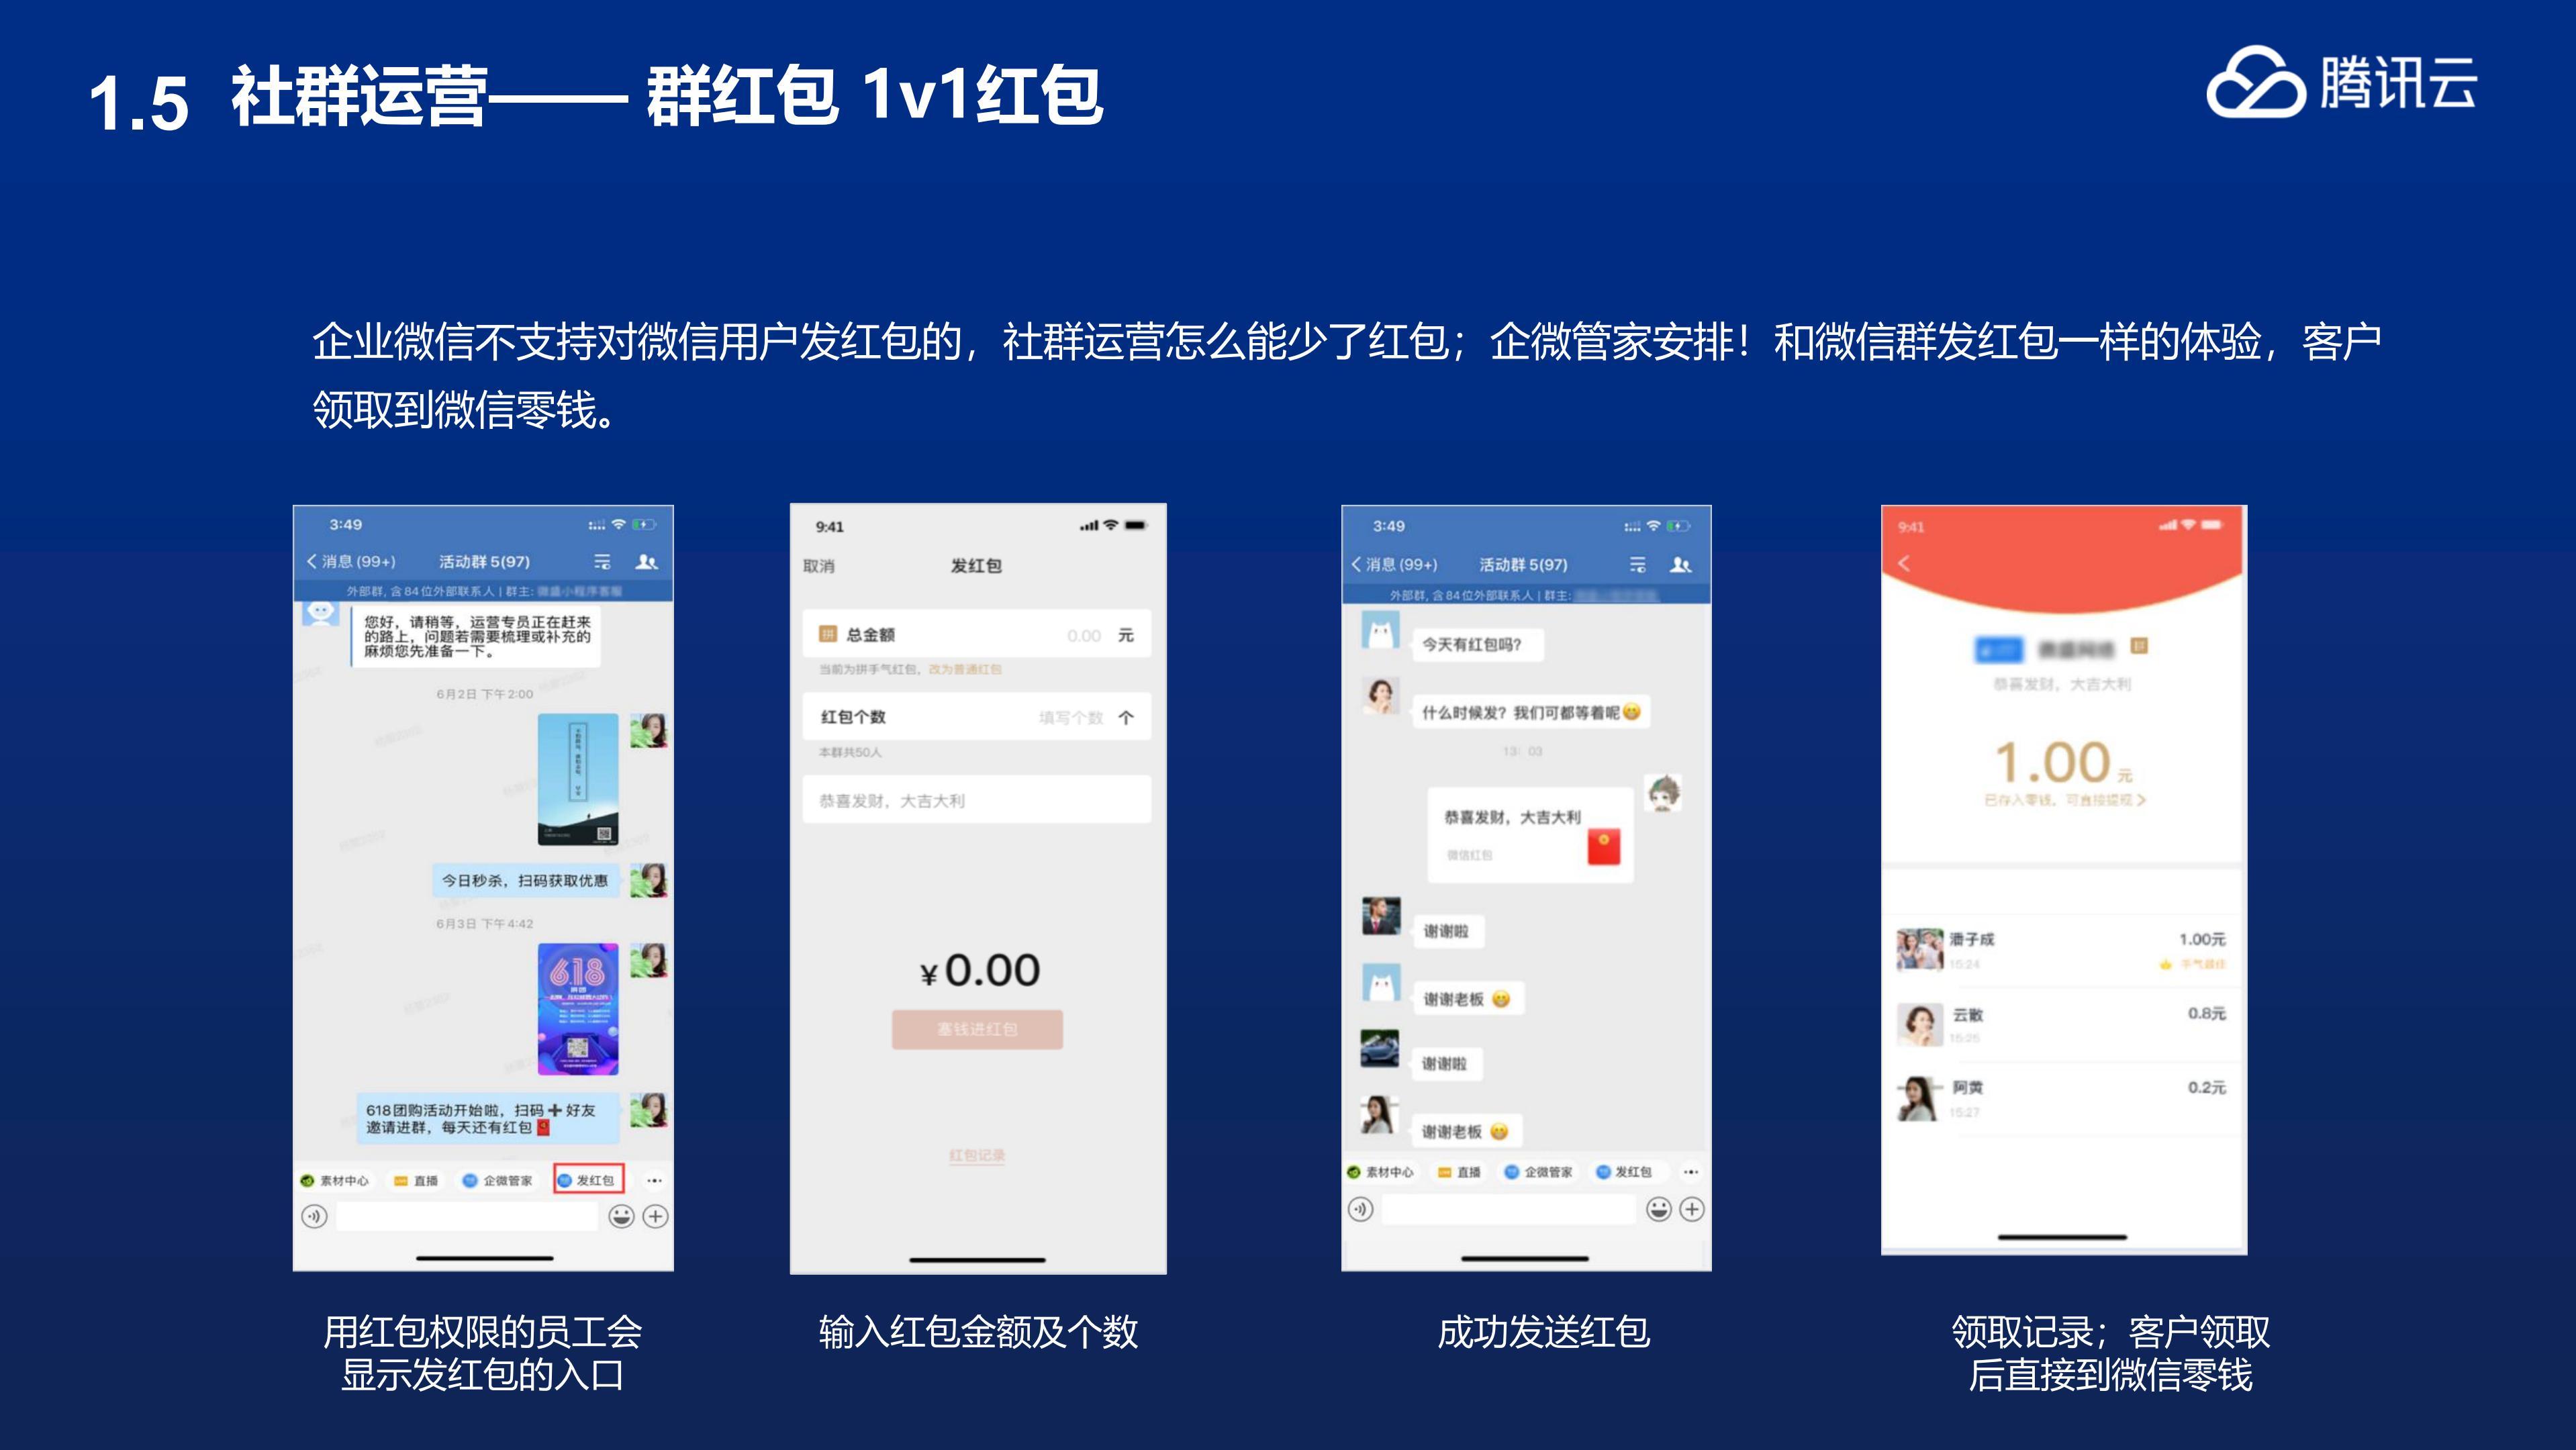 腾讯云企微管家产品介绍_14.jpg